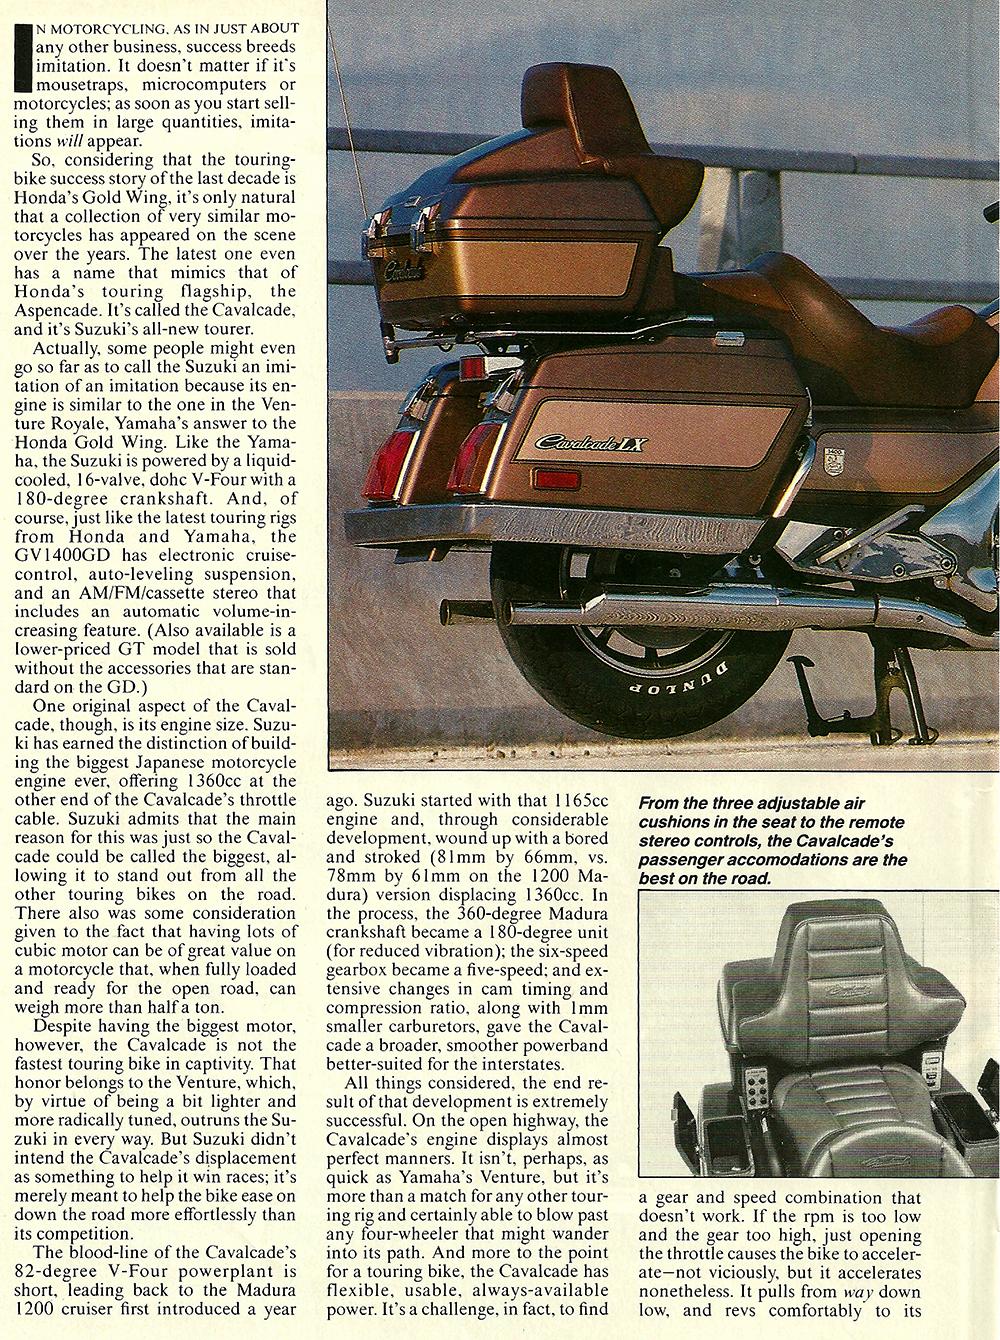 1985 Suzuki GV1400 Cavalcade road test 03.jpg